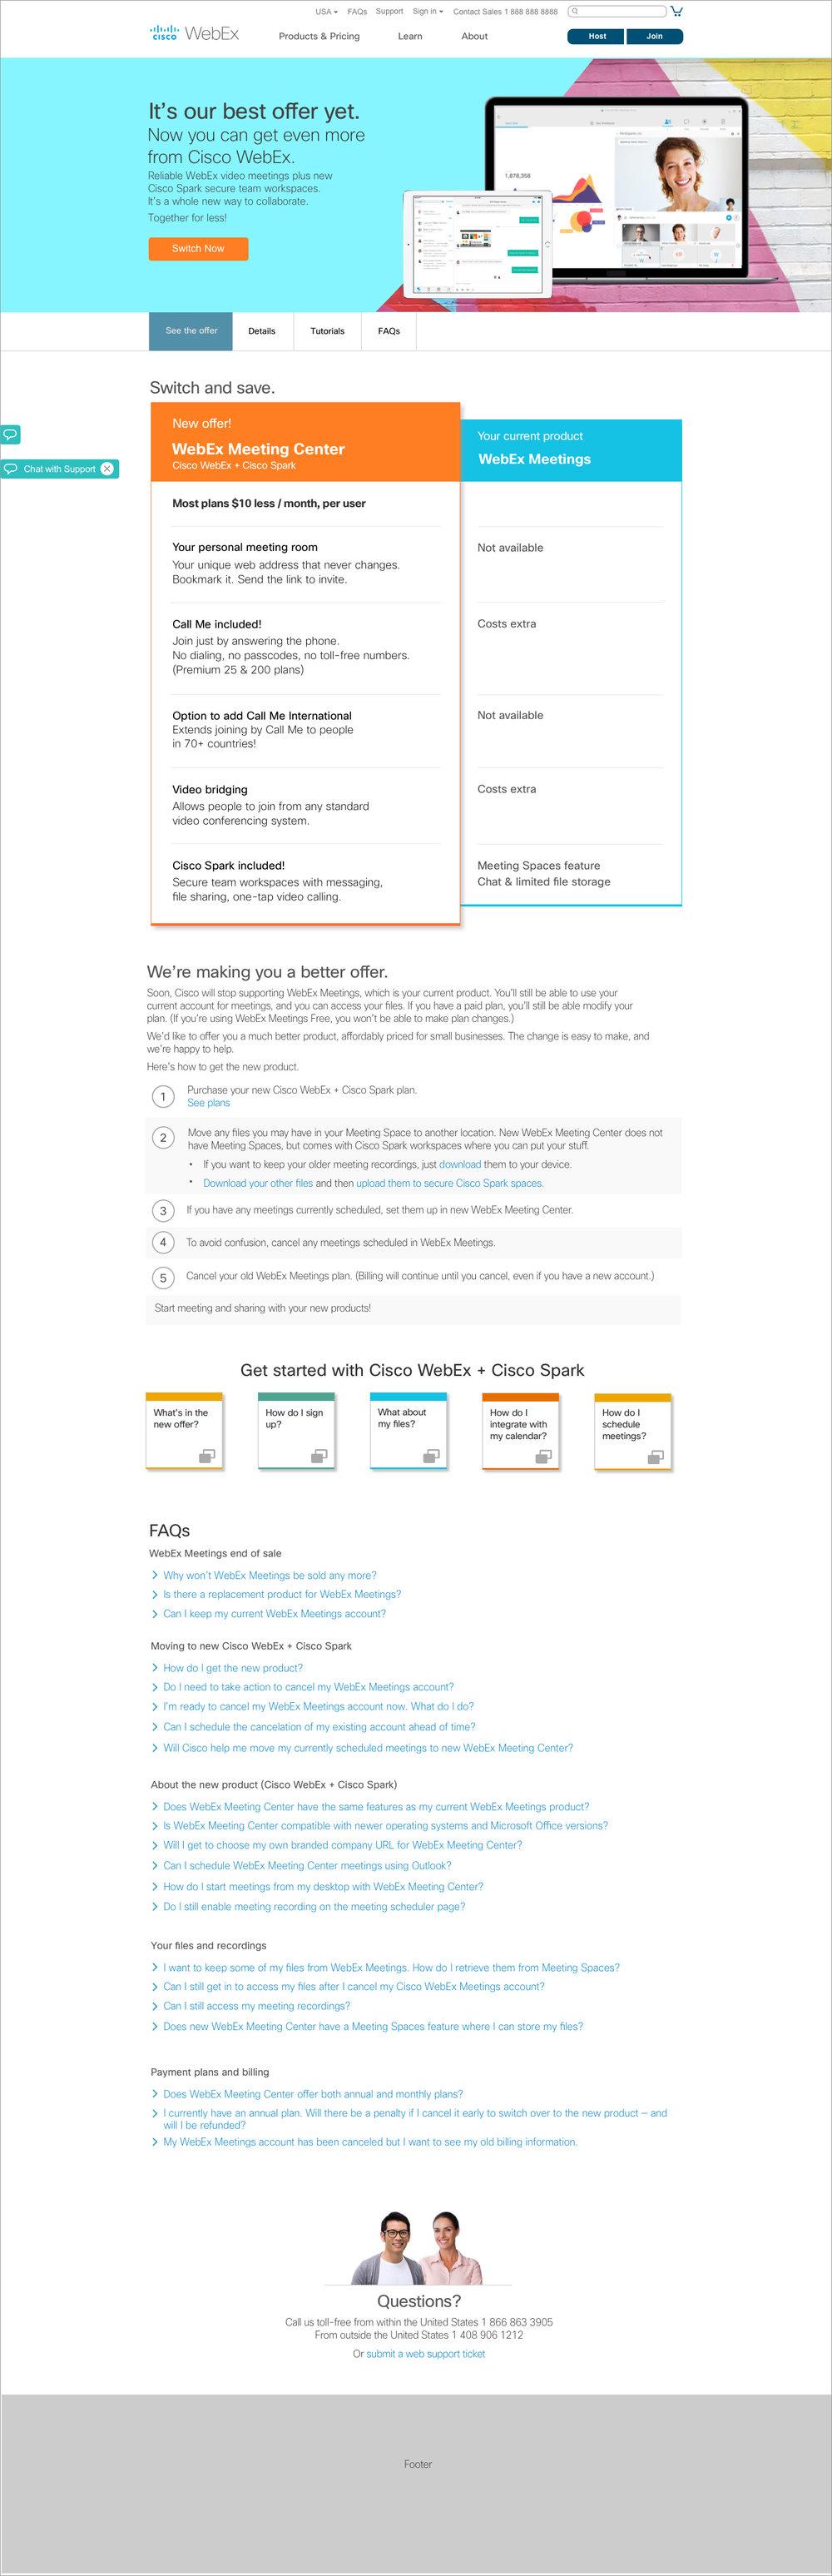 WX11 Landing Page